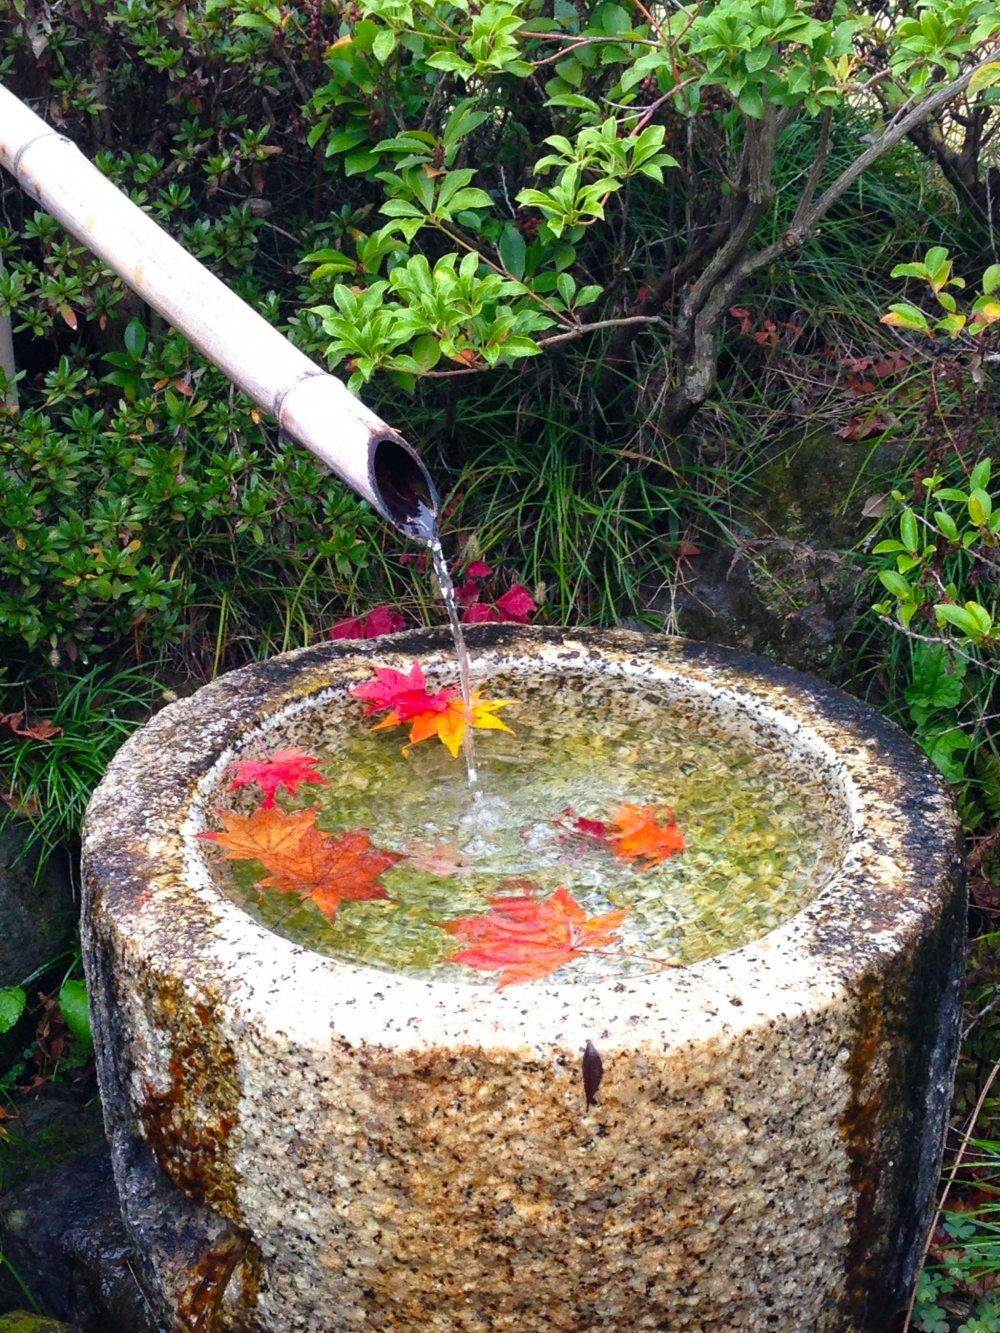 Vòi phun nước truyền thống truyền cảm hứng ...